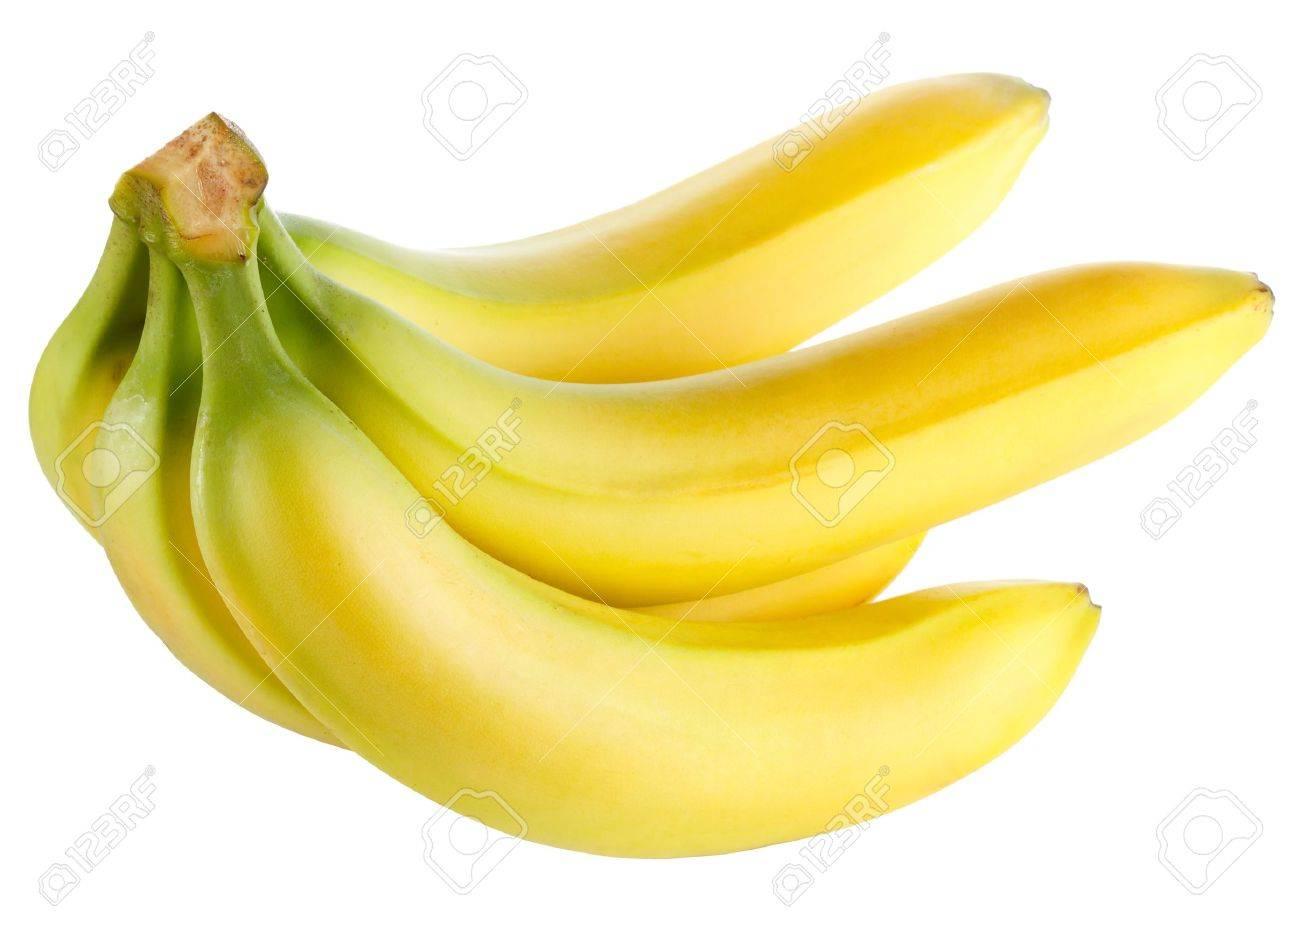 Ripe banana isolated on white background - 12021983